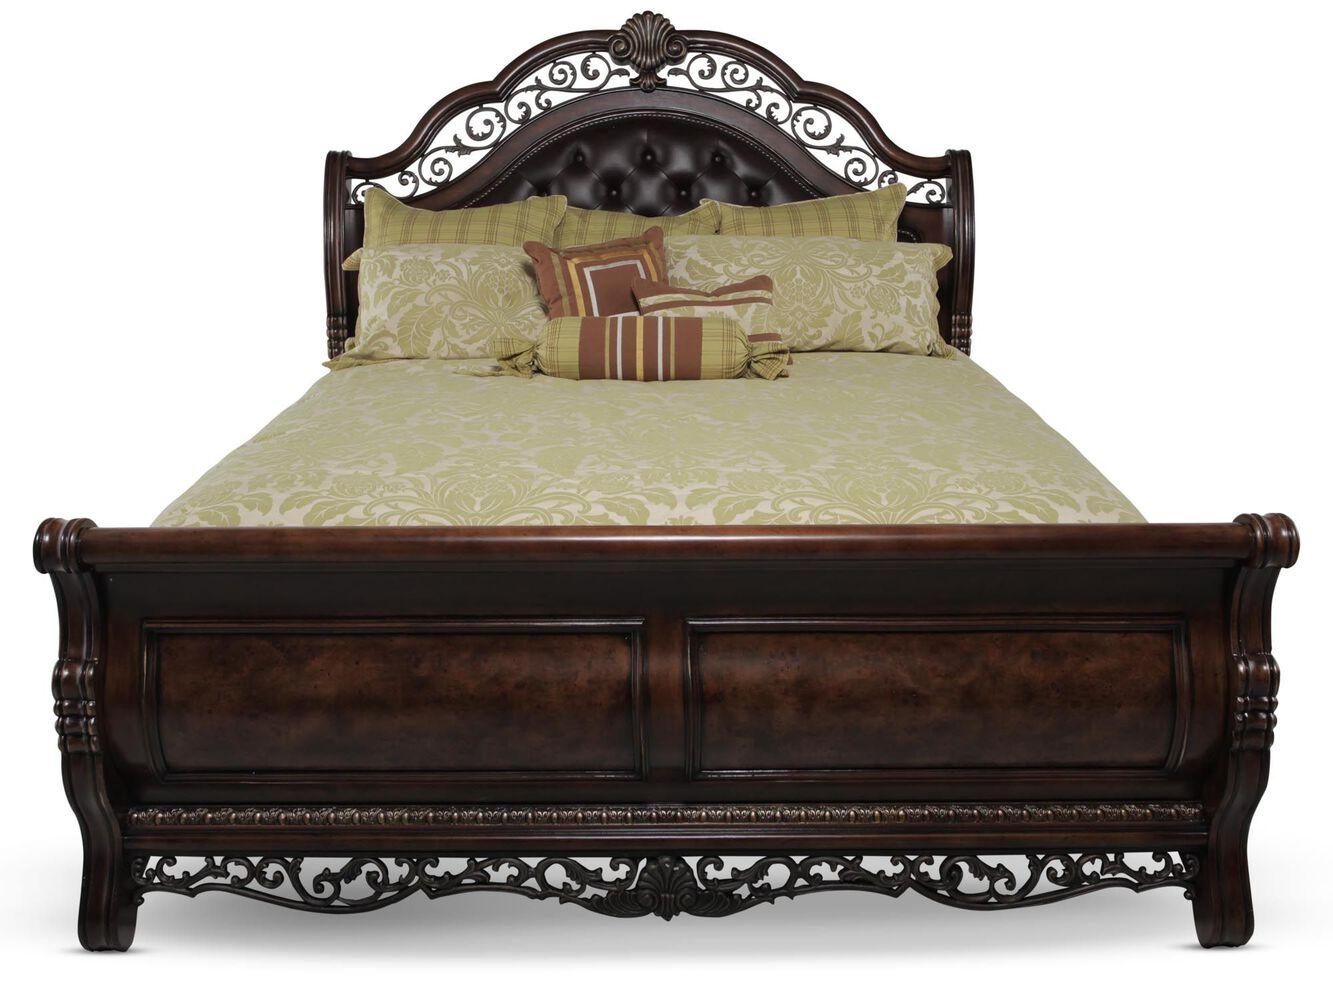 pulaski birkhaven sleigh bed mathis brothers furniture. Black Bedroom Furniture Sets. Home Design Ideas